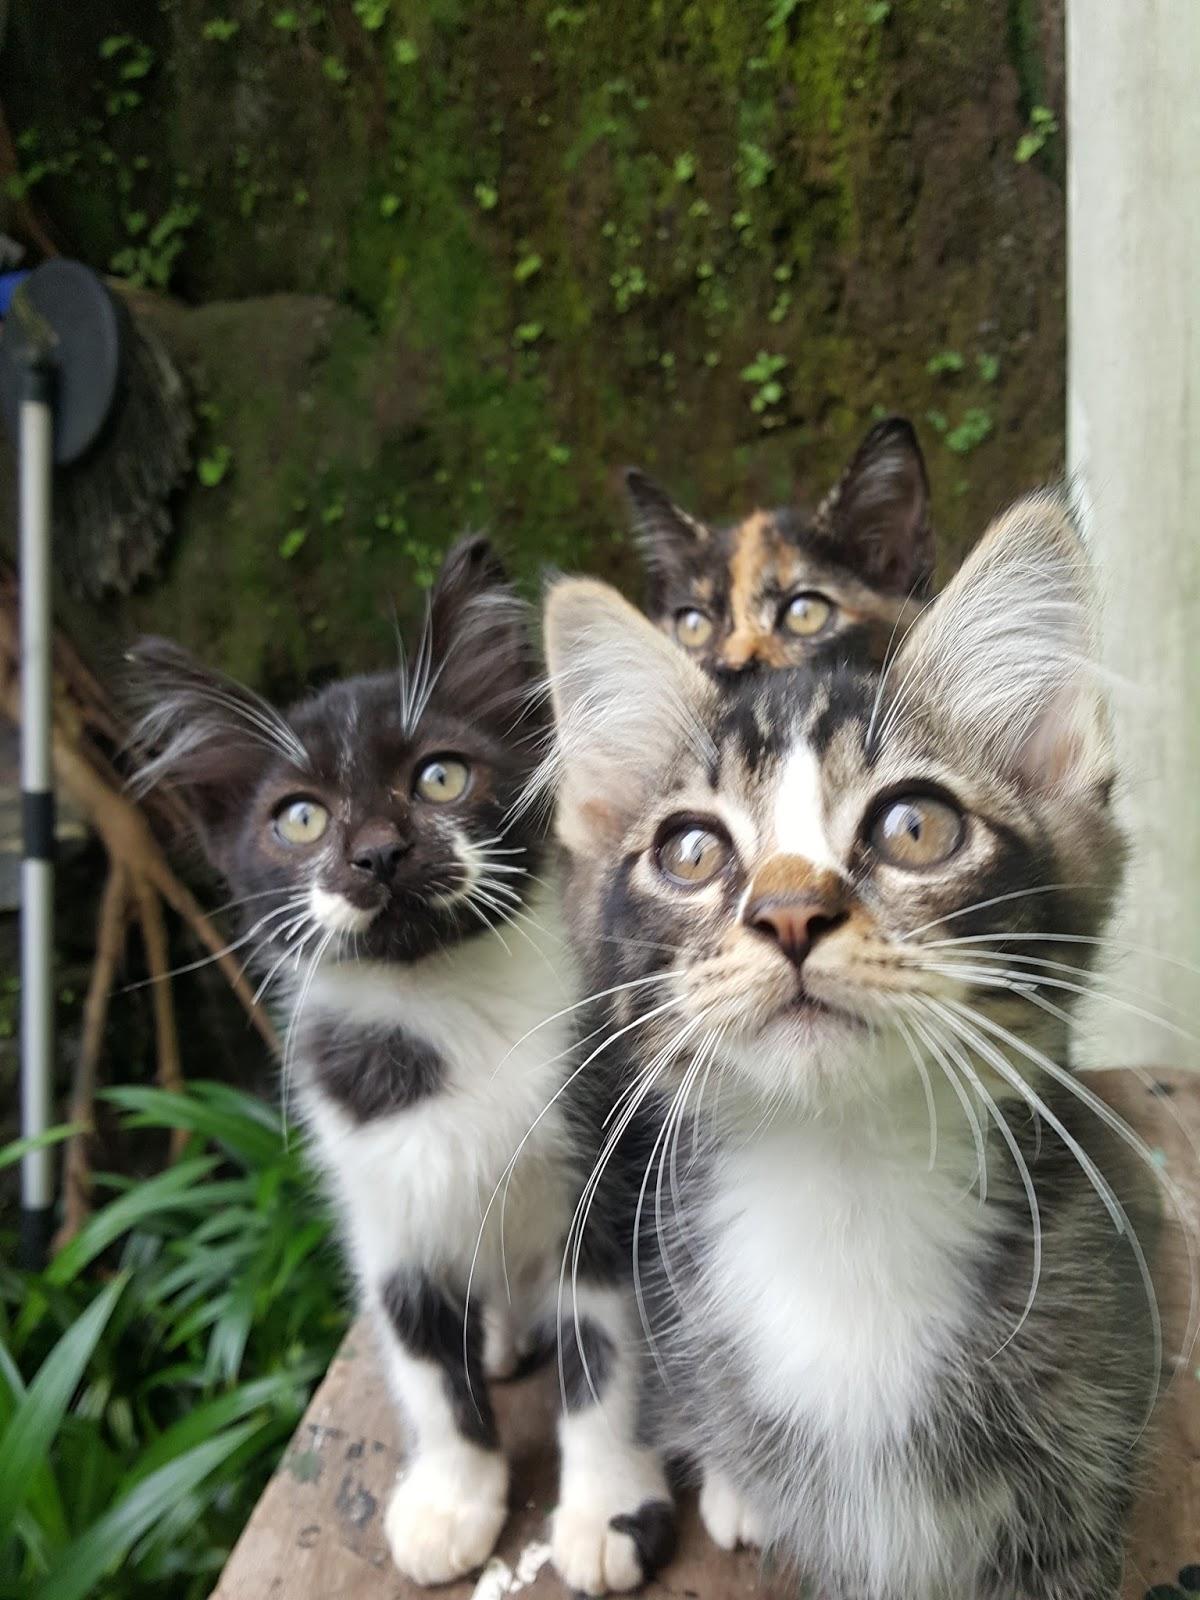 Kucing Kampung Rumahku Beberapa Cara Memelihara Kucing Kampung Agar Bagus Dan Sehat